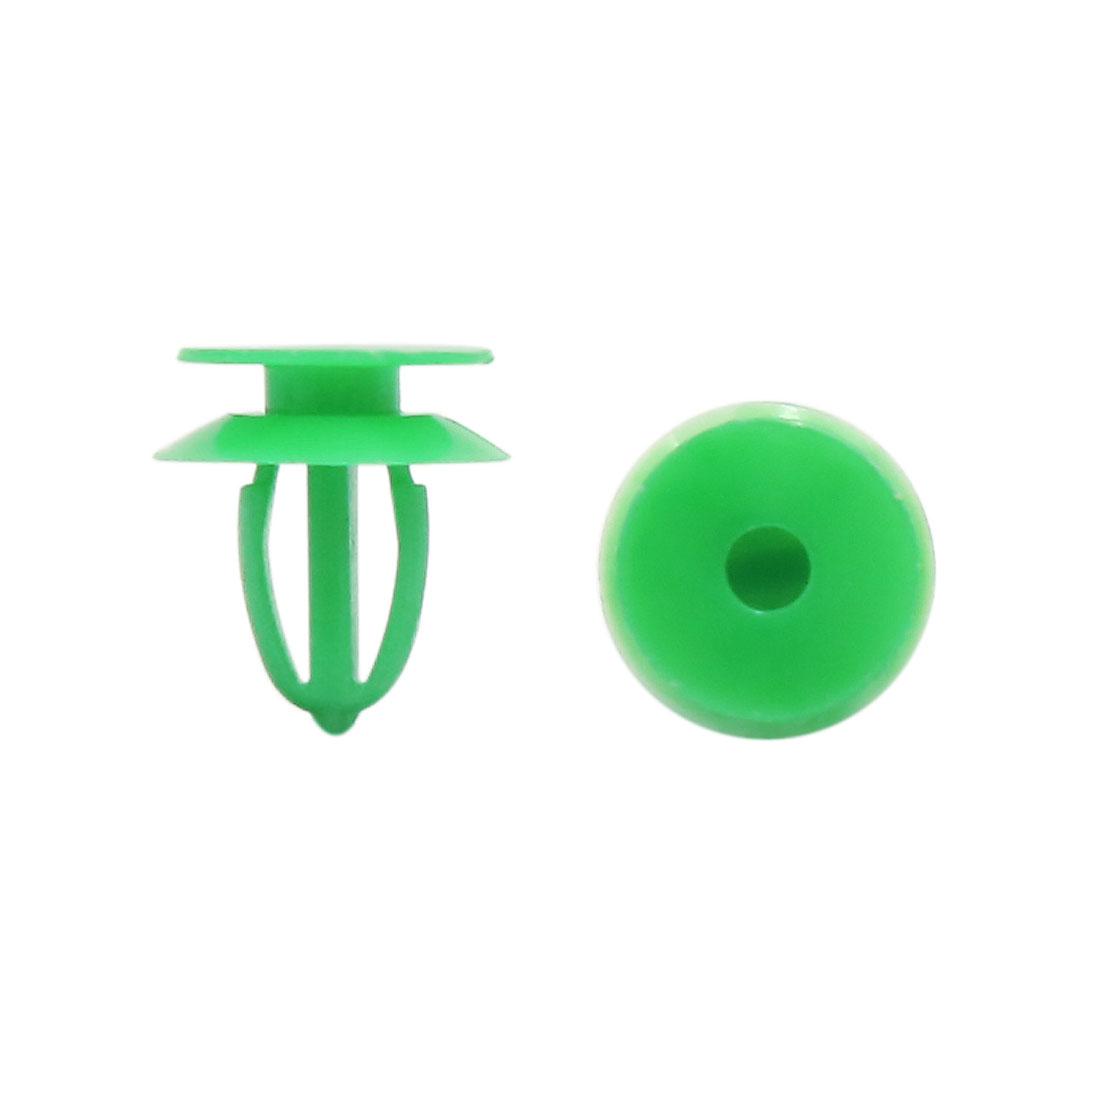 9mm Hole Dia Plastic Clips Fastener Auto Car Door Expanding Rivets Green 100 Pcs